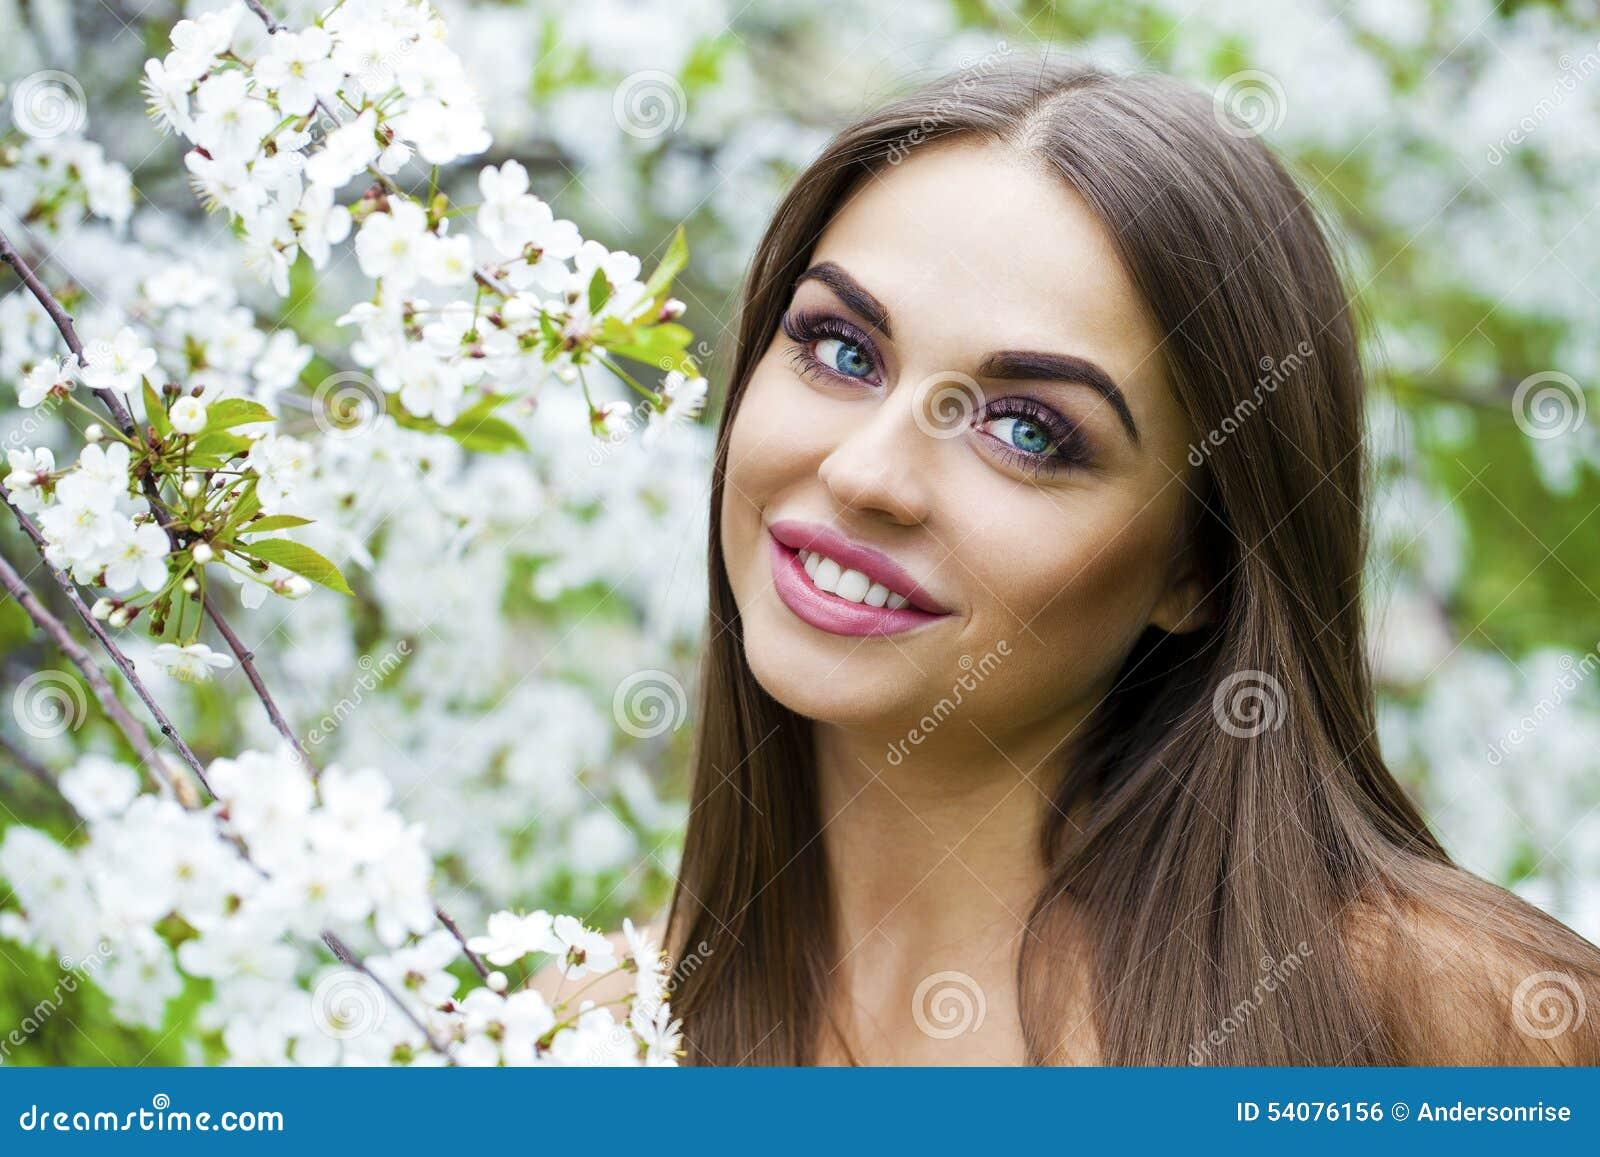 Sluit omhoog portret van een mooi jong meisje op de achtergrond van